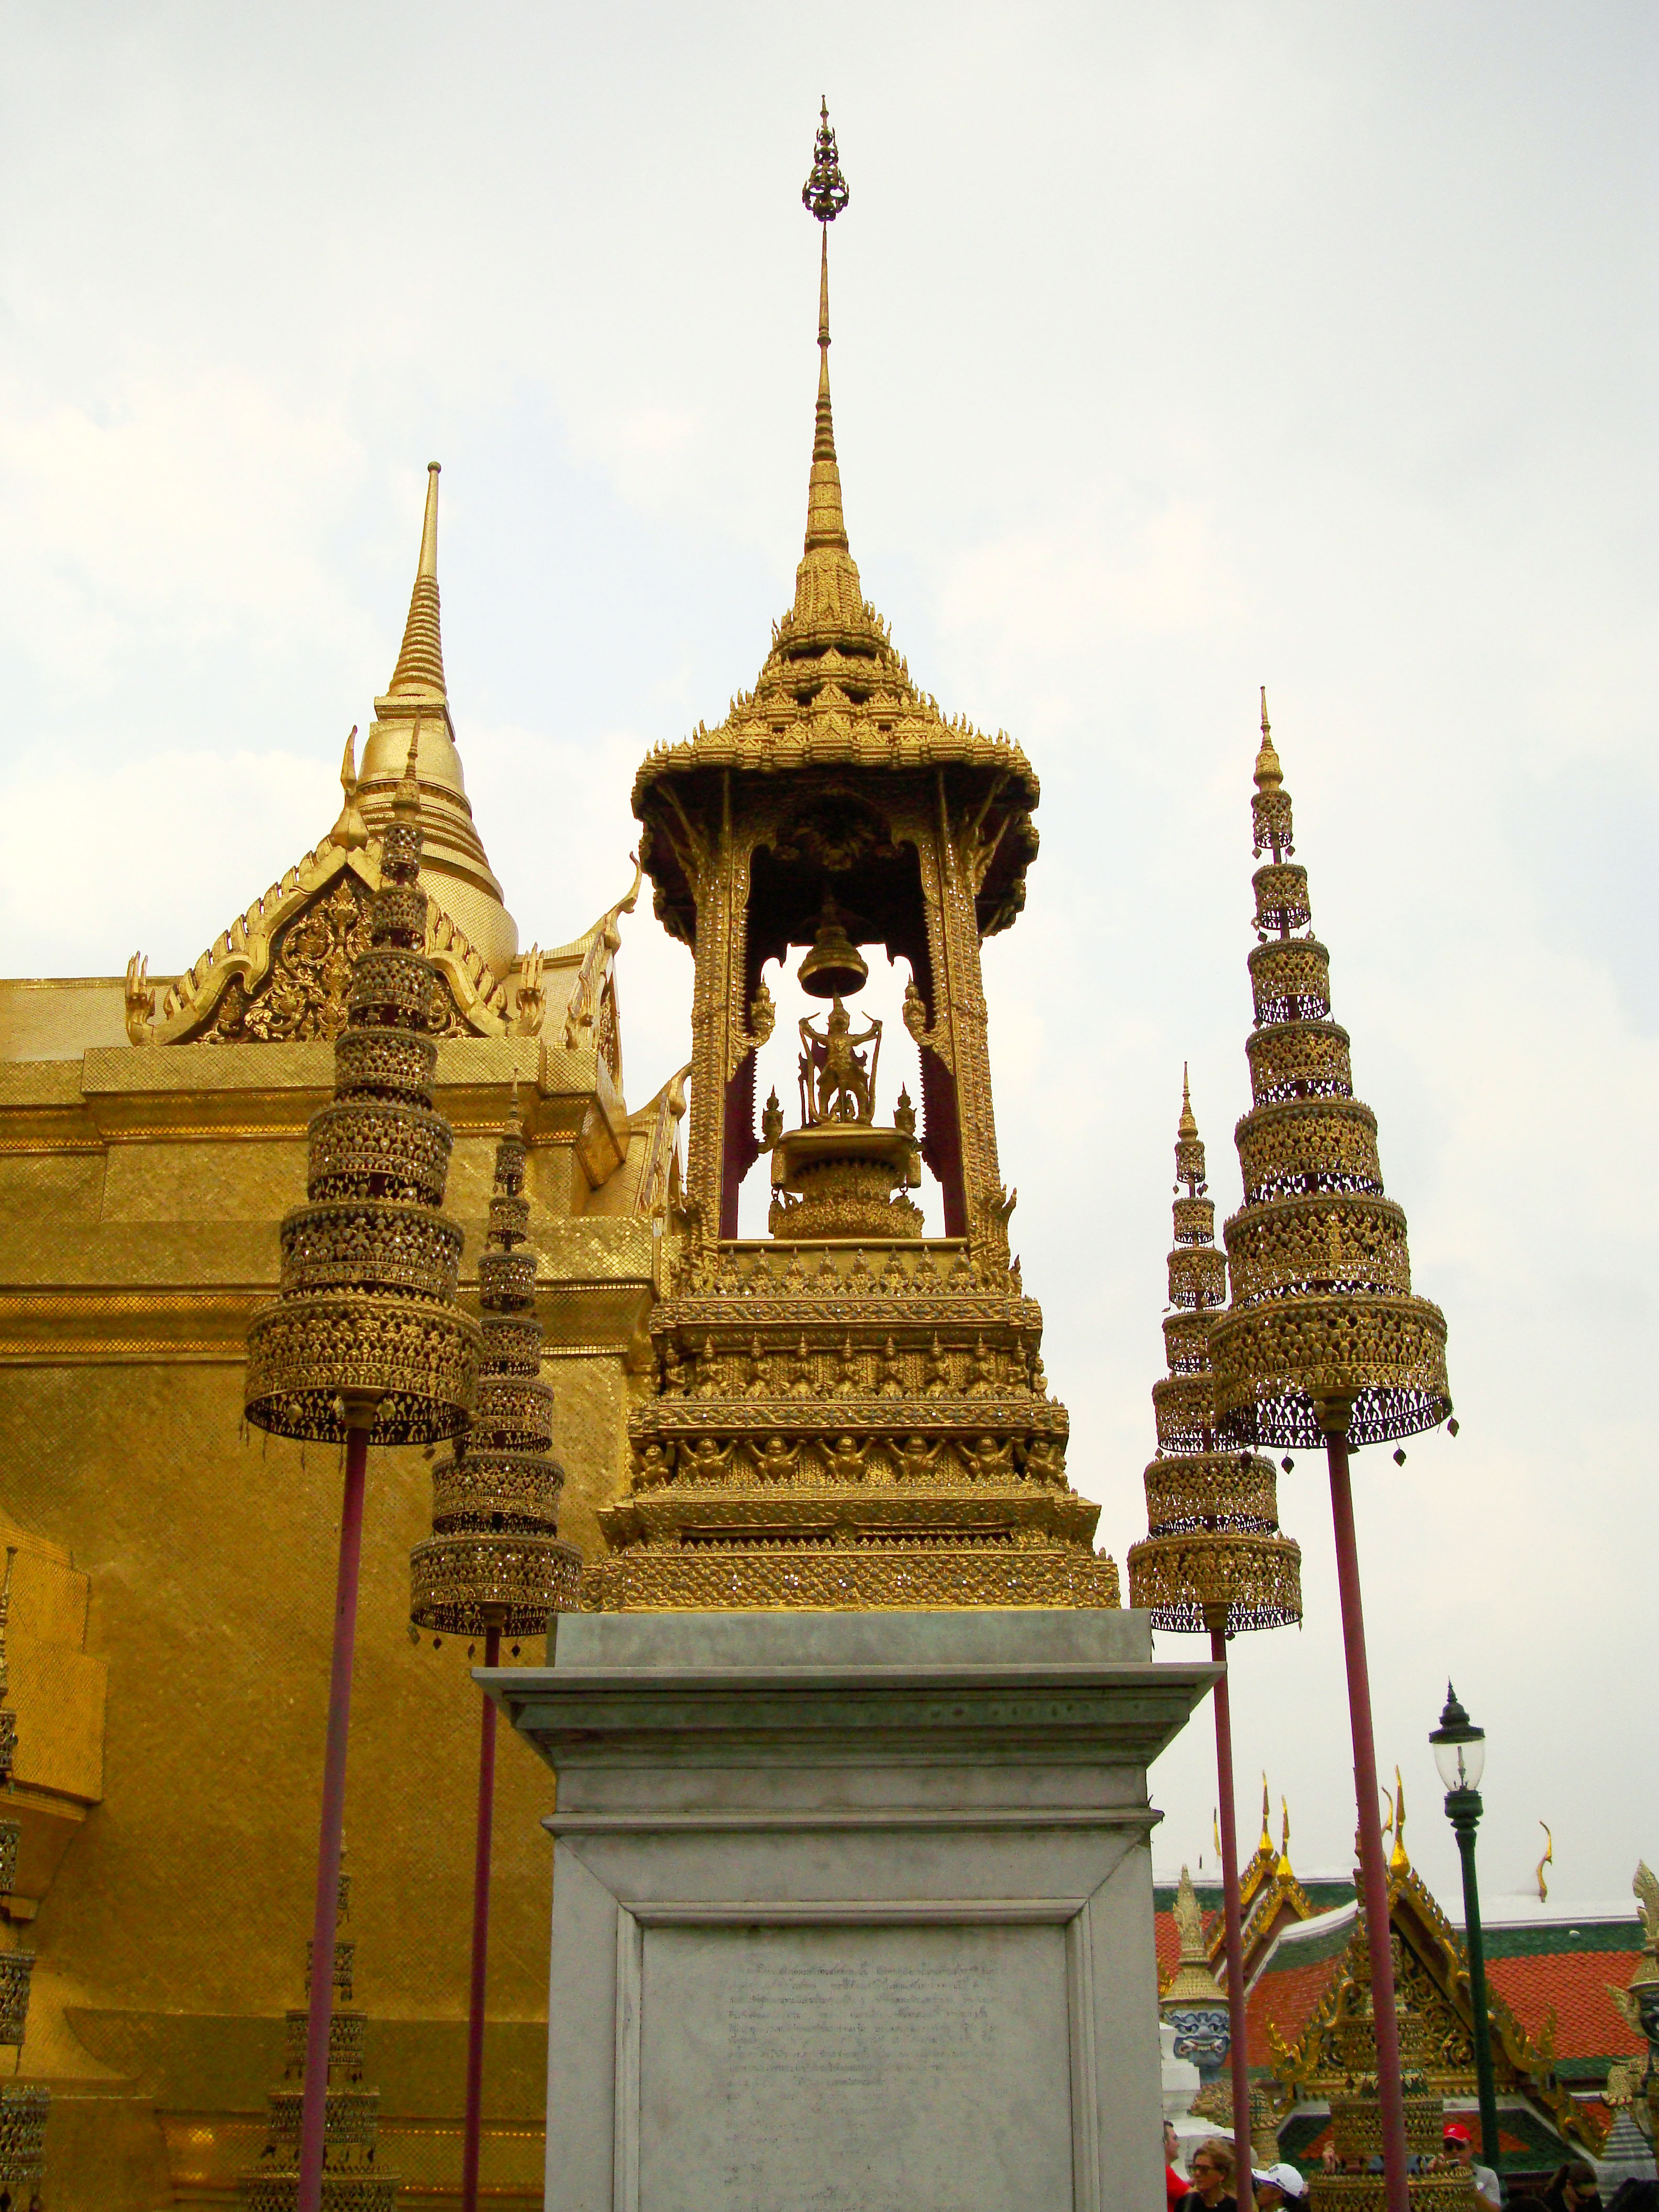 Grand Palace Phra Borom Maha Ratcha Wang Bangkok Thailand 31